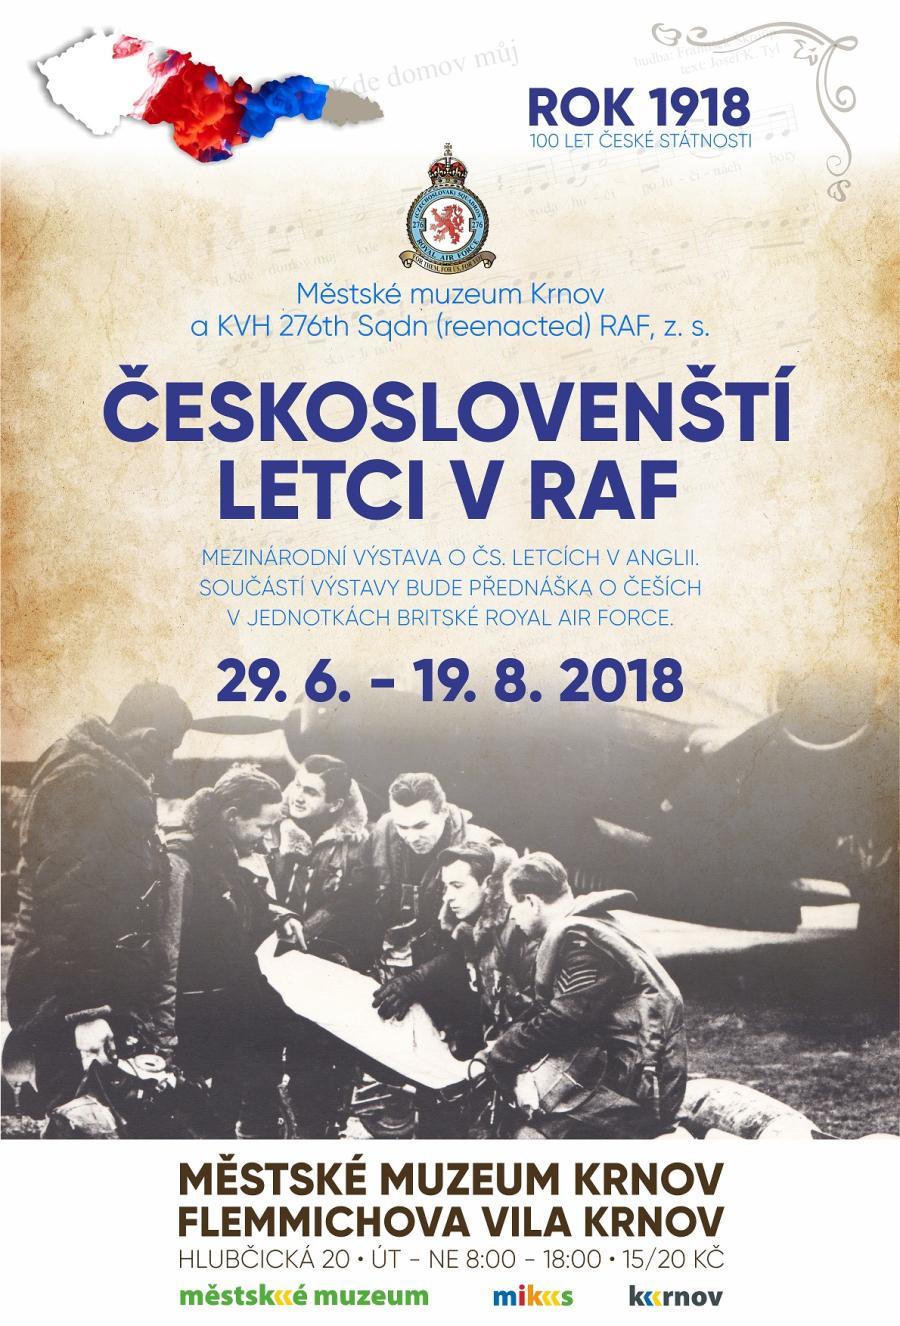 fc0c1788933 MIKS Krnov - Českoslovenští letci v RAF